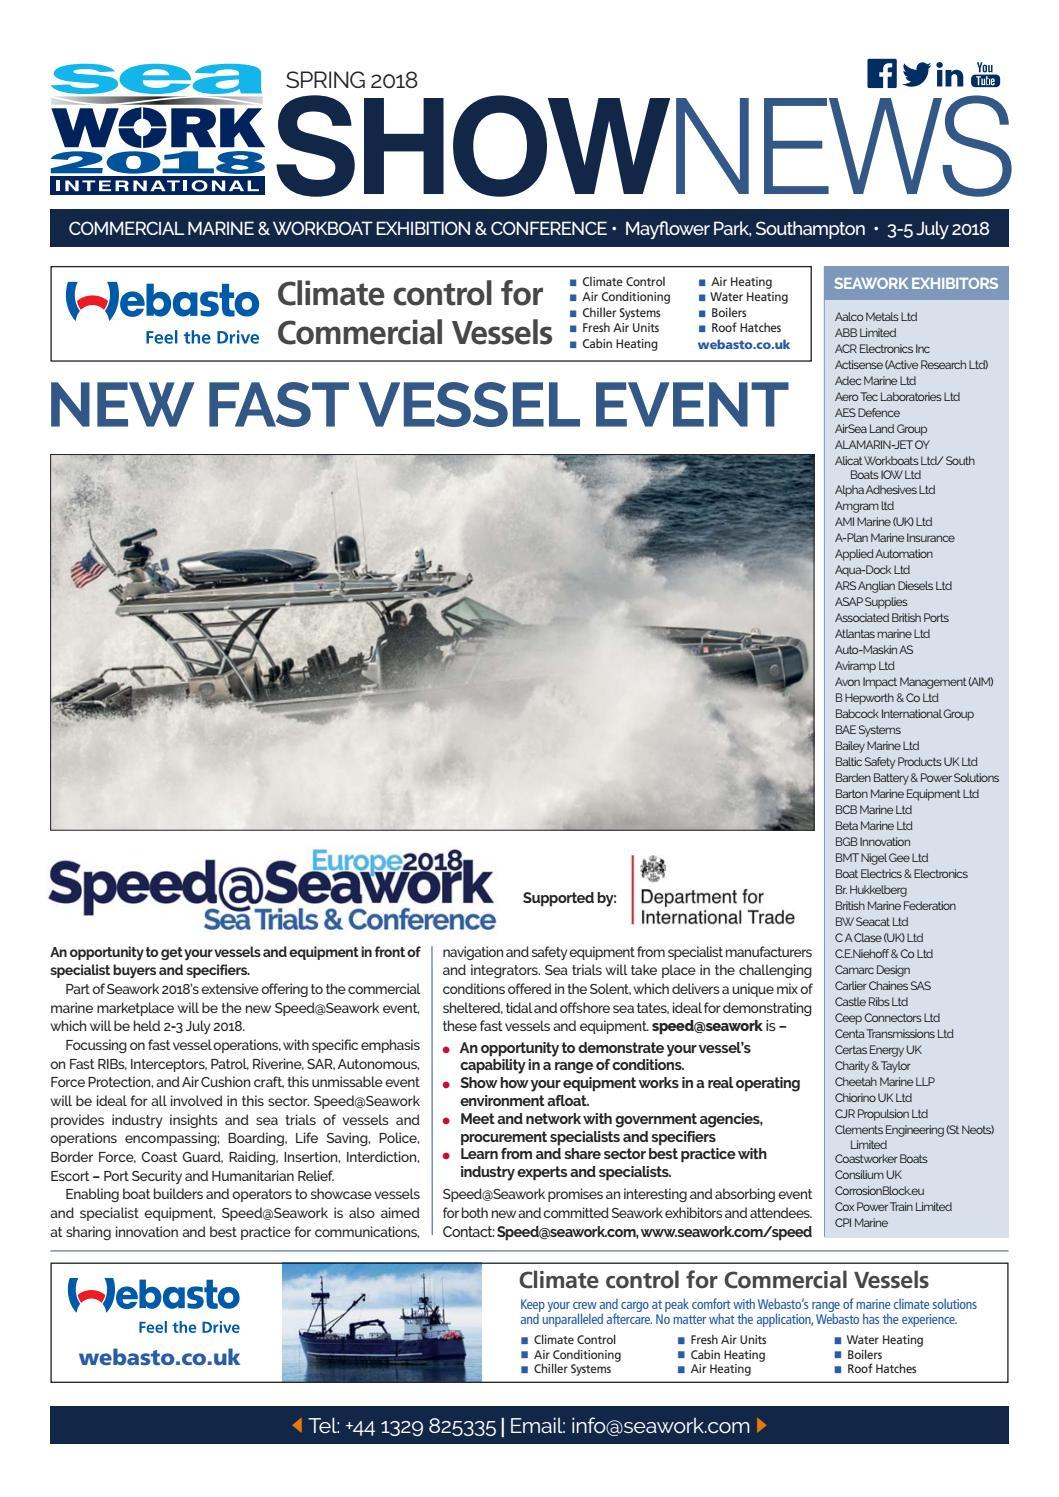 Seawork Shownews 2018 by Mercator Media - issuu